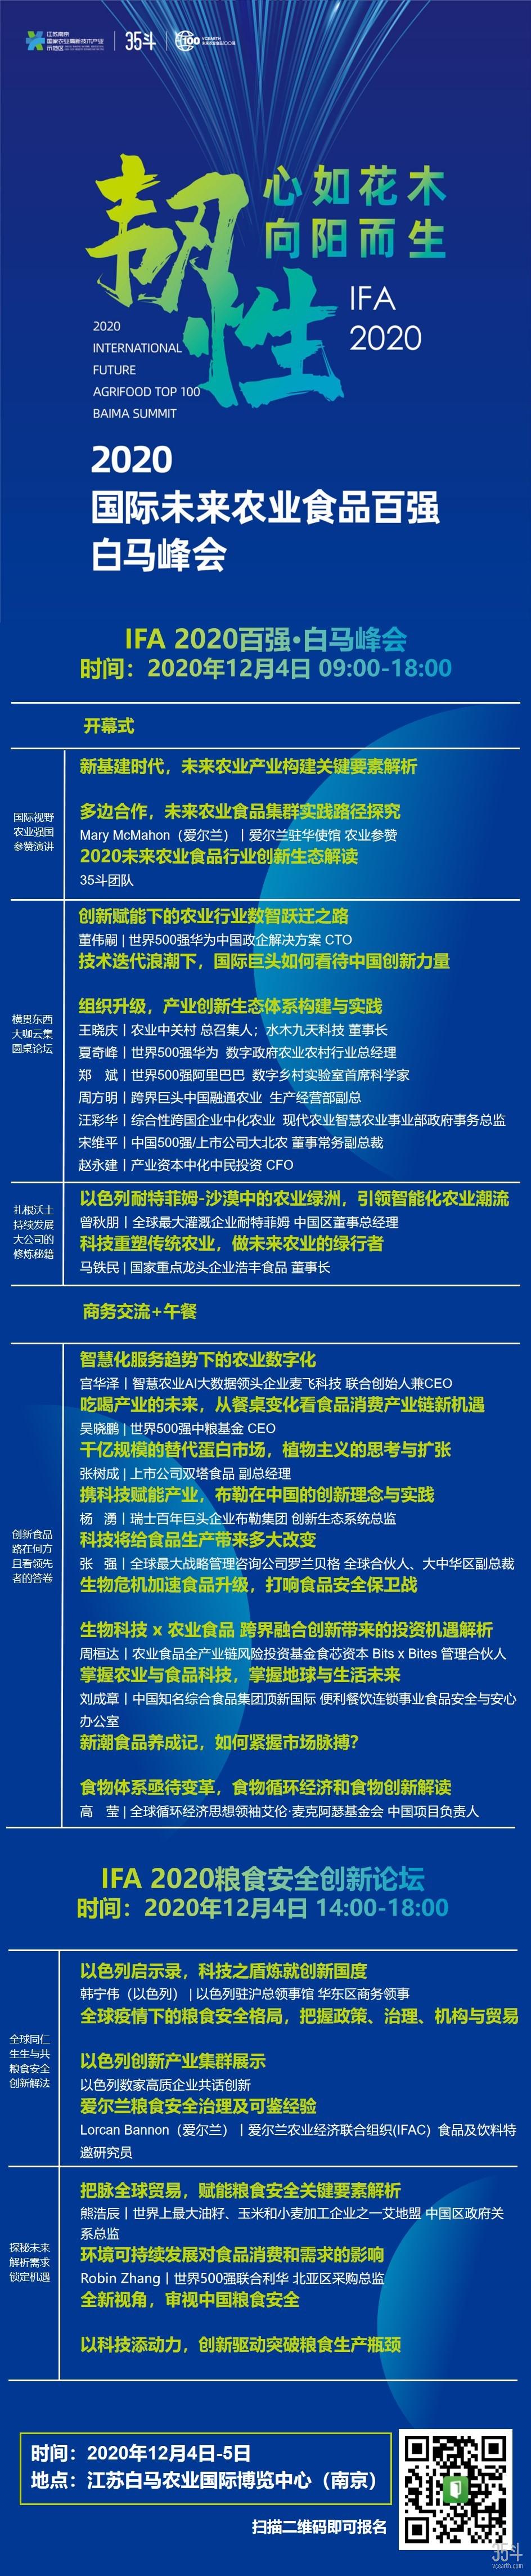 白马峰会 4号议程.jpg